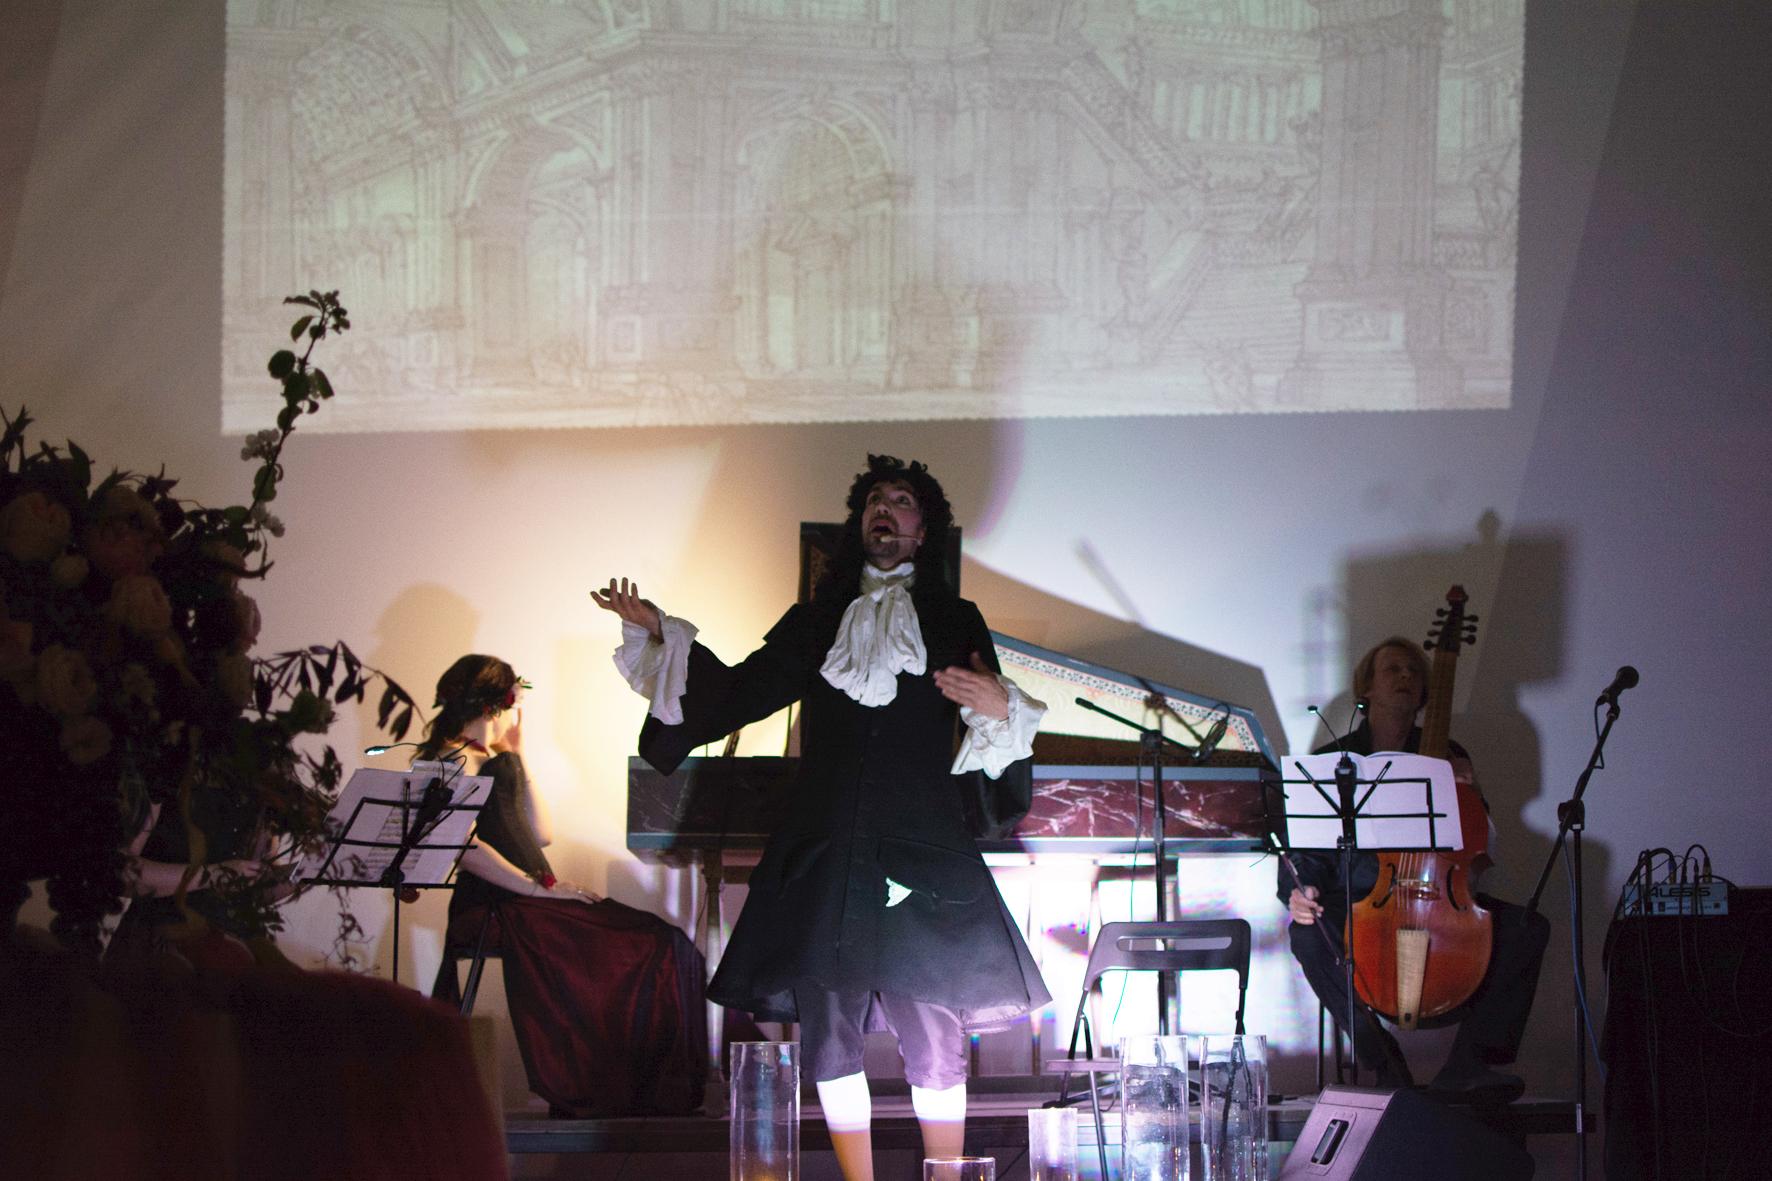 Альцеста. Фестиваль digital barocco. Alceste fest